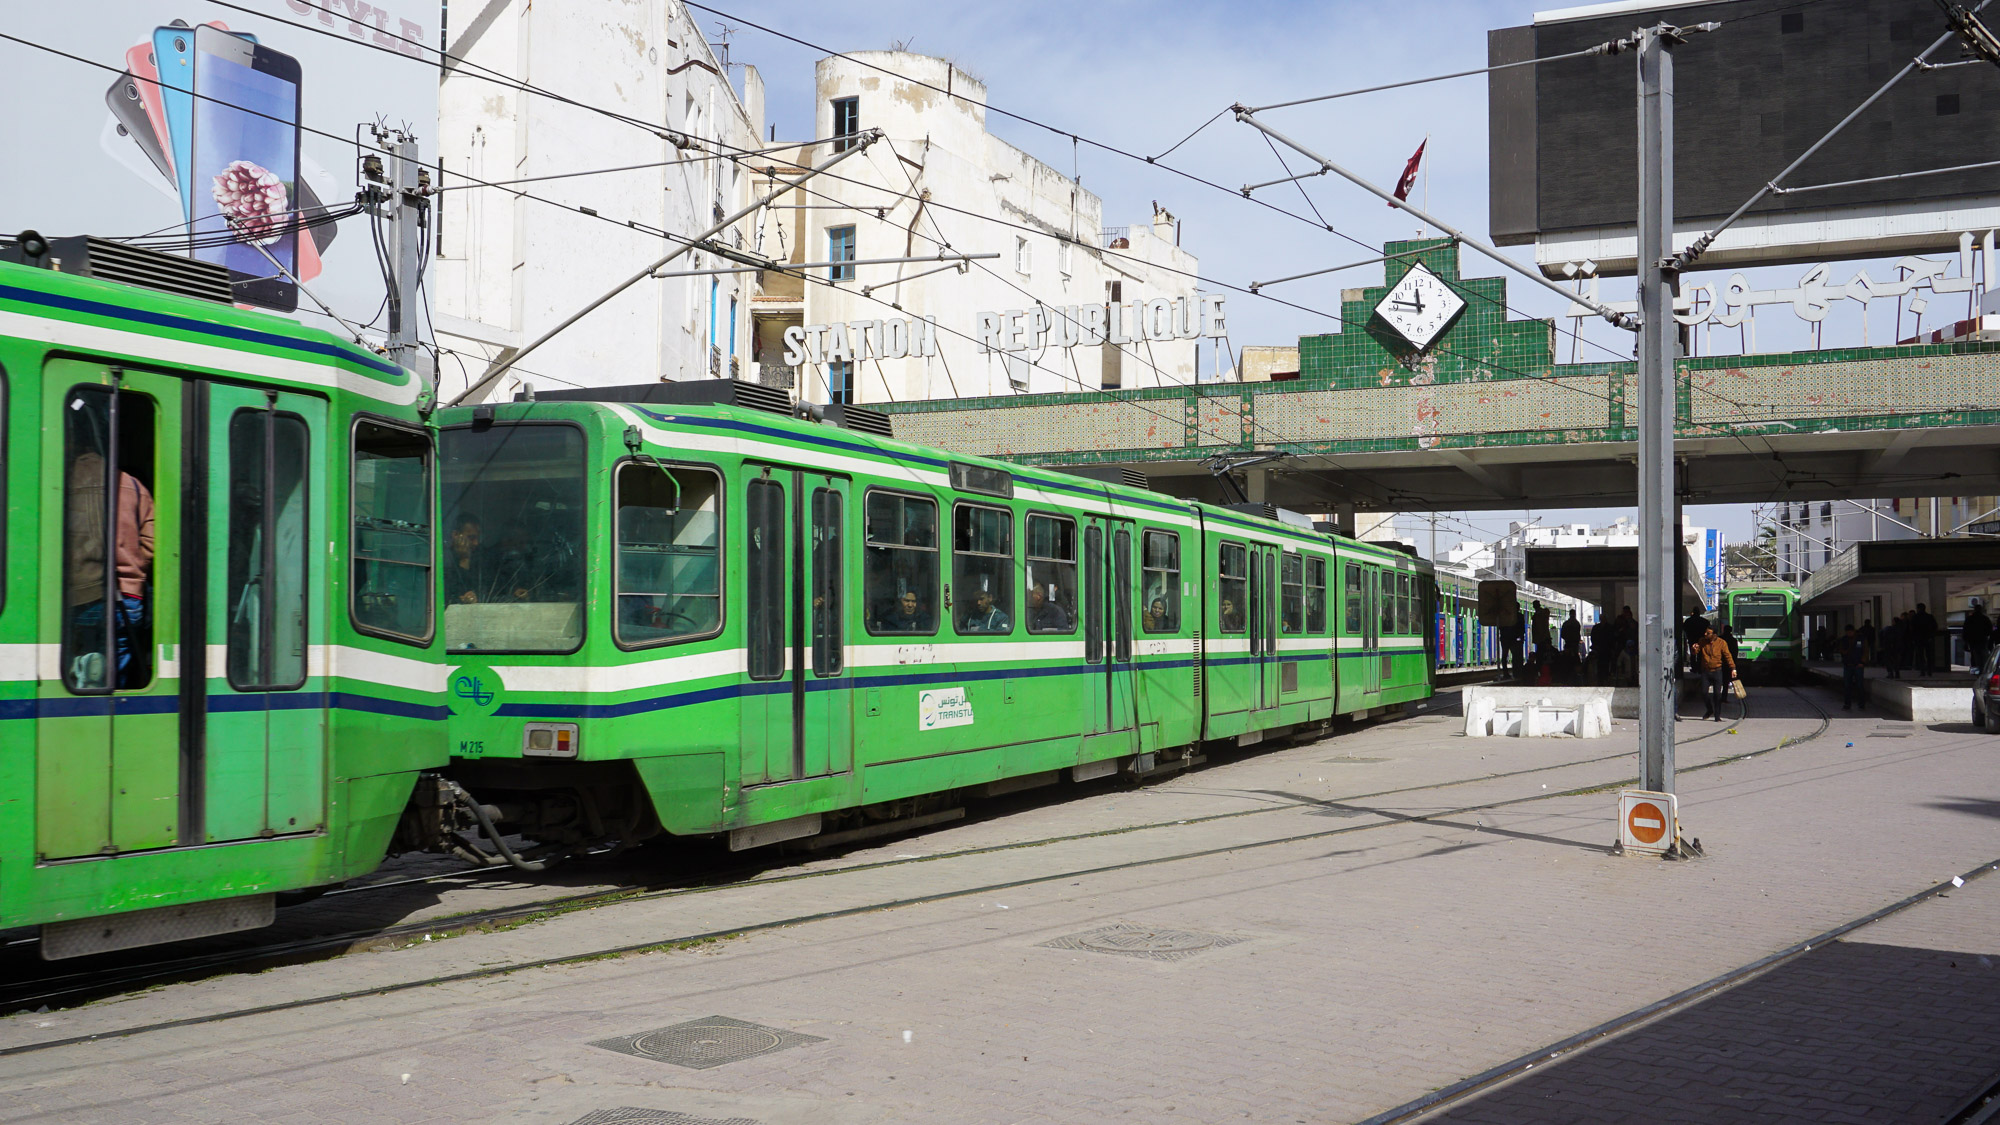 Eine grüne Tram verlässt die Station Republique in Tunis